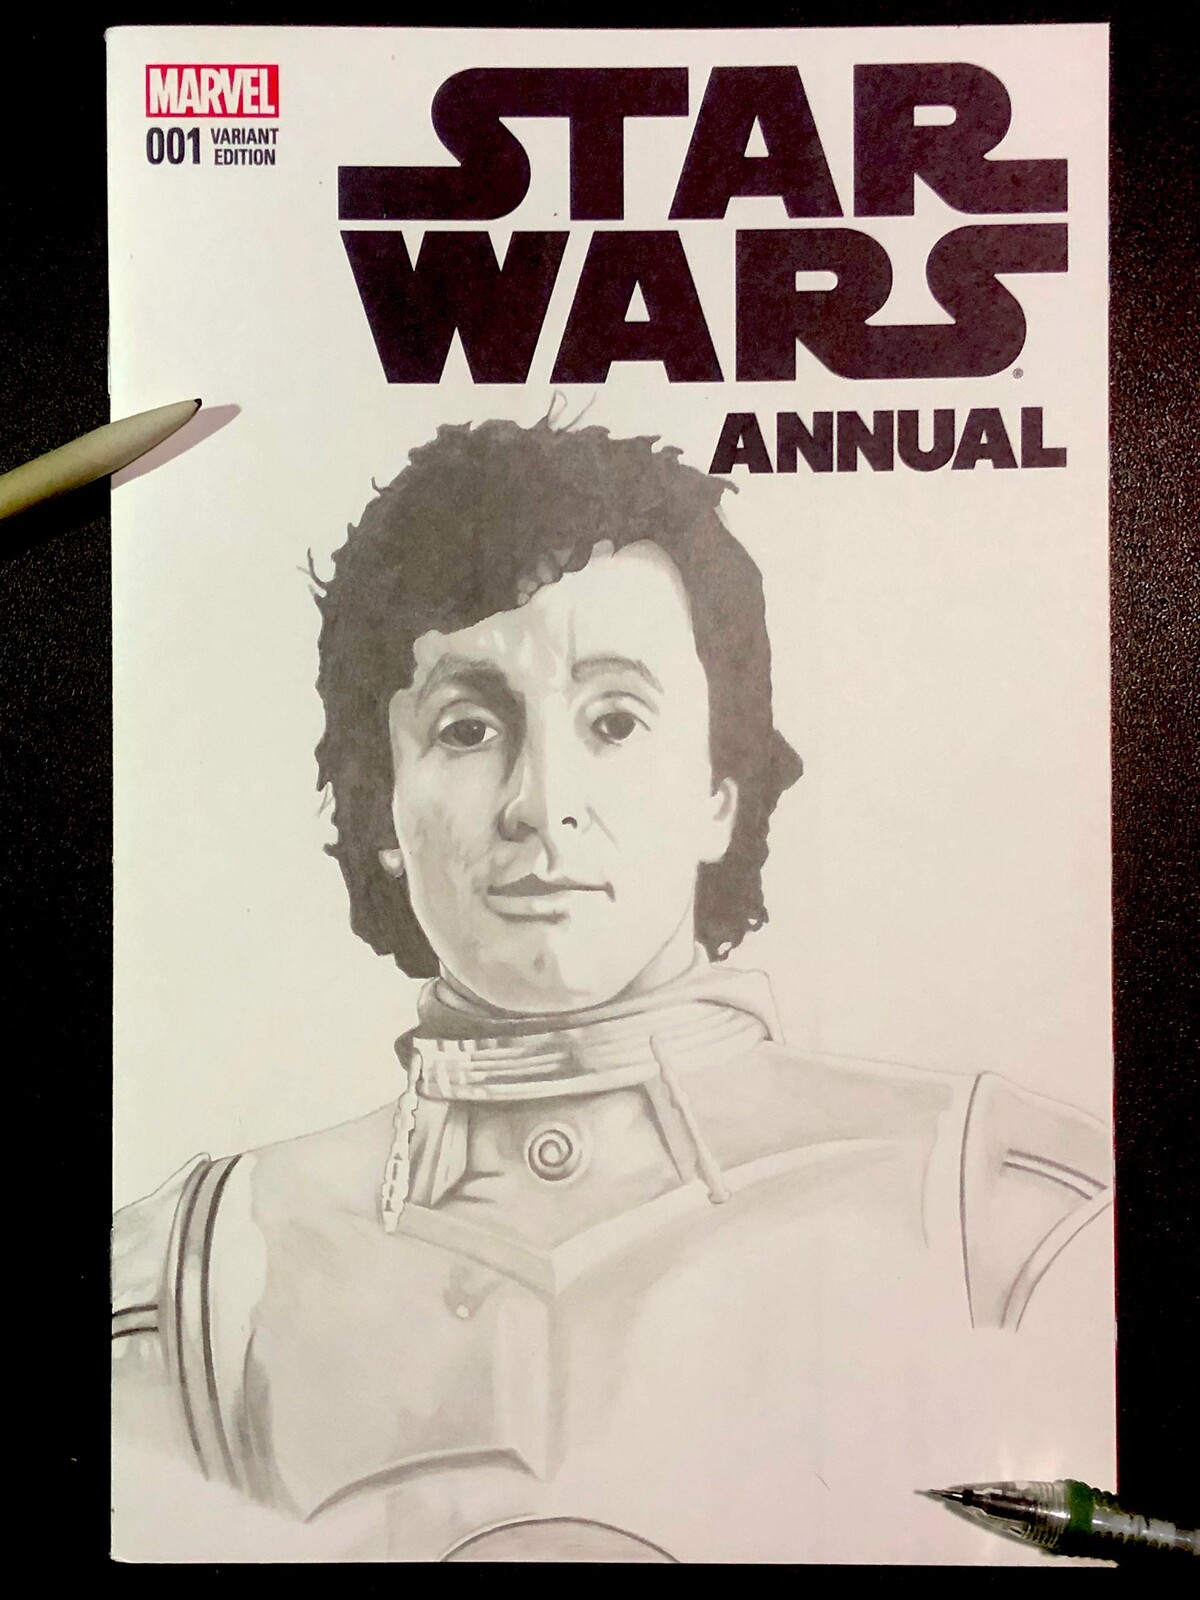 Comic cover art Anthony Daniels